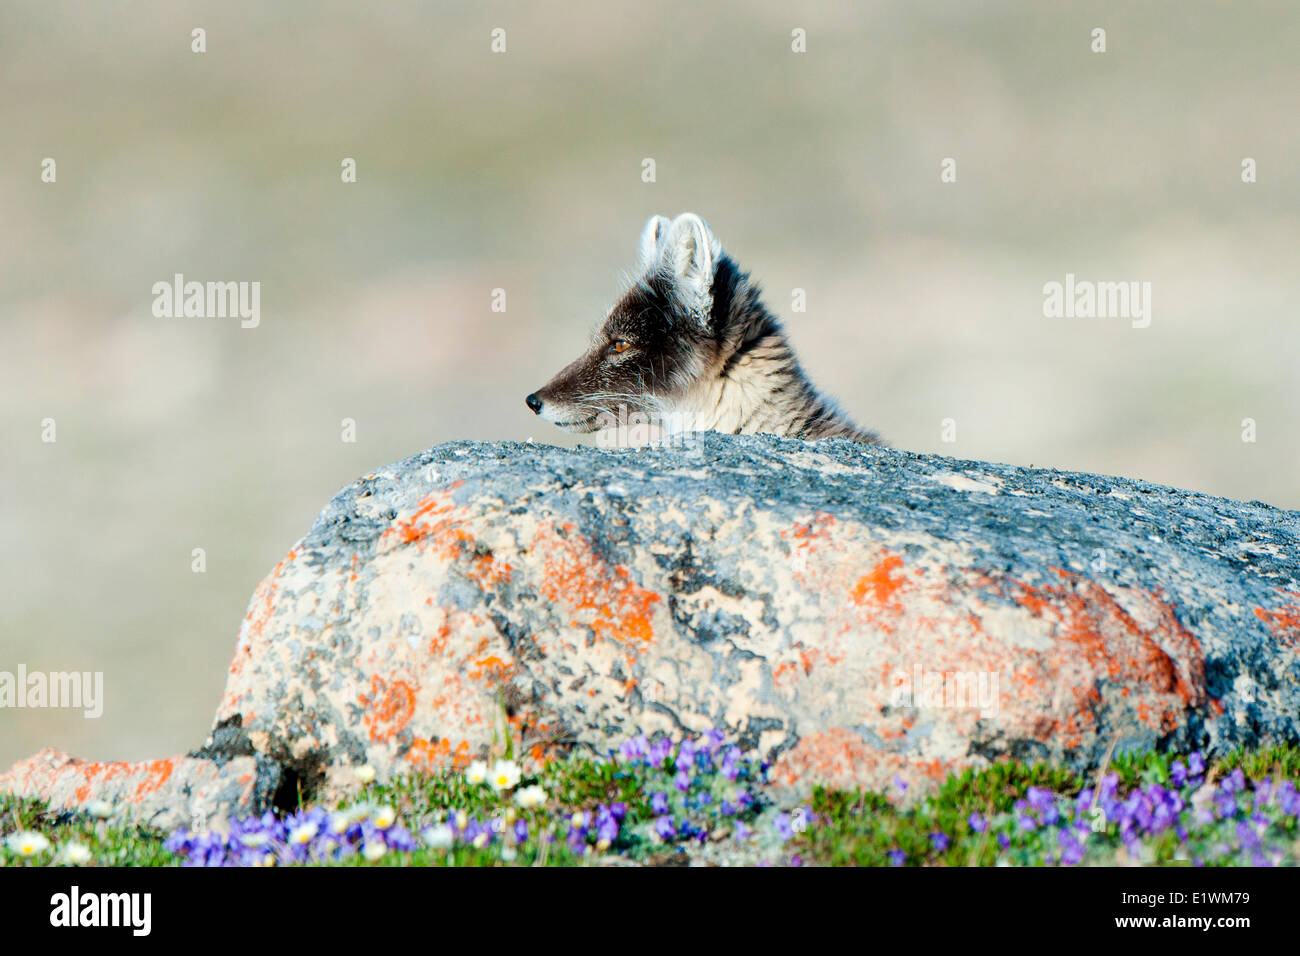 Arctic fox (Alipex lagopus) in transitional summer pelage, Victoria Island, Nunavut, Arctic Canada - Stock Image